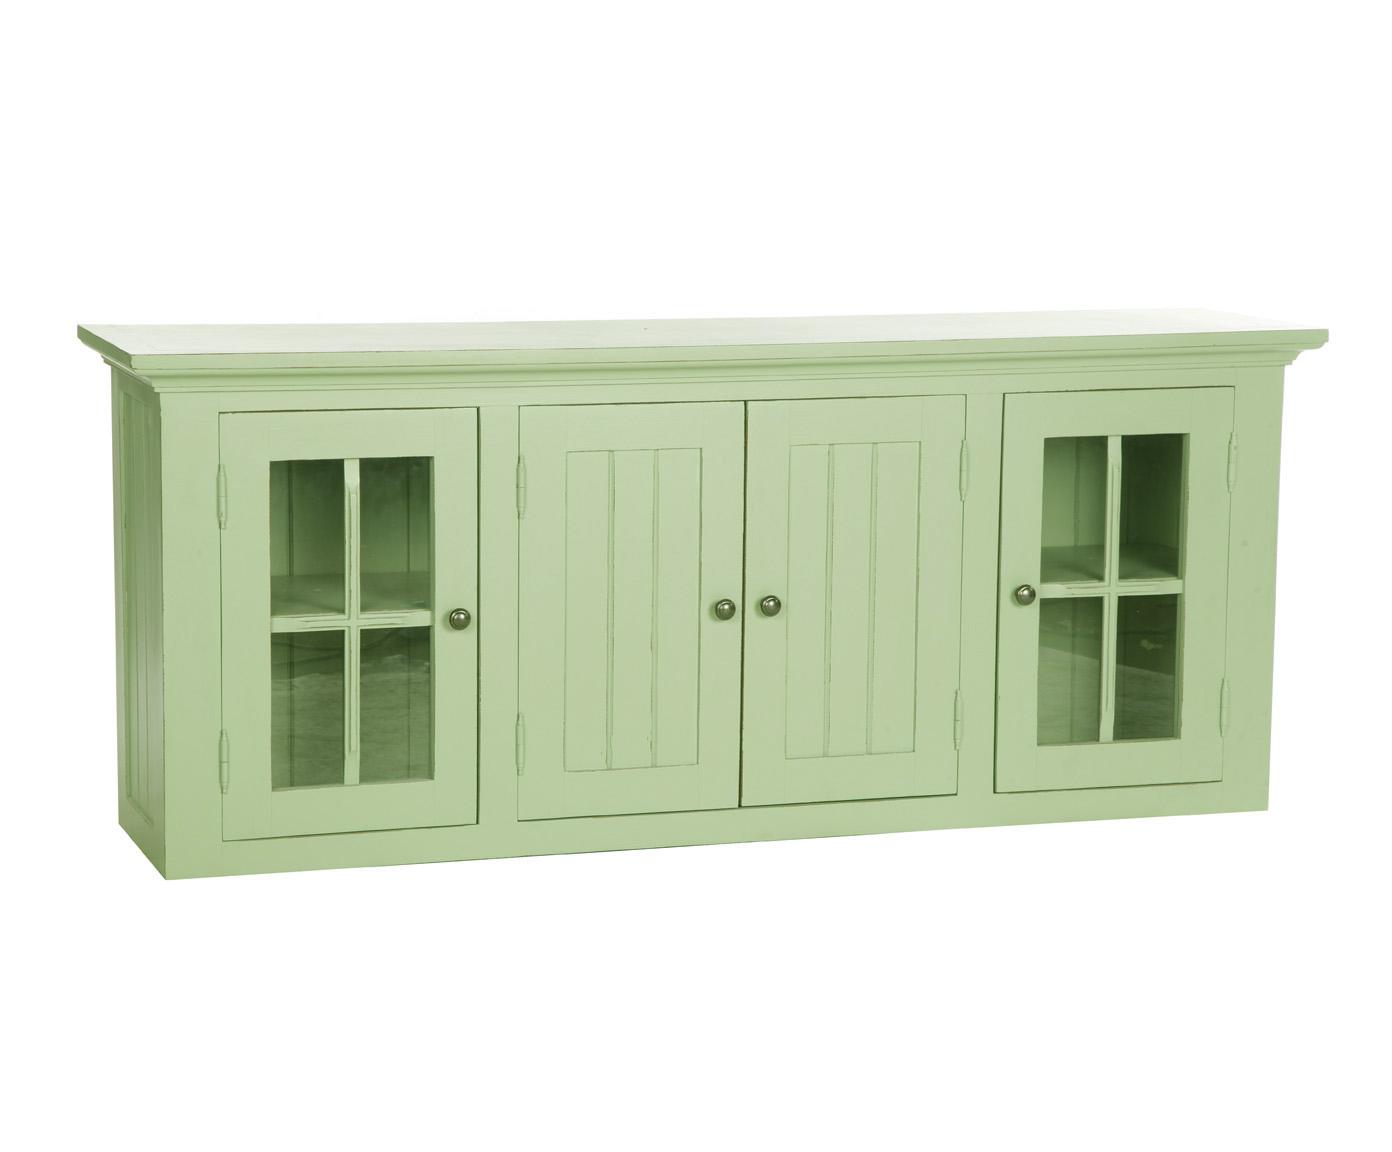 Настенный книжный шкаф КантриКнижные шкафы и библиотеки<br>Несомненным преимуществом цветной мебели &amp;quot;Кантри &amp;quot;является ее высокое качество. Коллекция изготовлена в Румынии и выполнена полностью из массива дерева (средиземноморская сосна). Мебель &amp;quot;Кантри&amp;quot; &amp;amp;nbsp;рассчитана на длительное и активное использование.<br>Кроме того, большая часть предметов коллекции  &amp;quot;Кантри&amp;quot; покрыта двумя слоями красок разных цветов и запатинирована. Искусственная состаренность придает мебели особый теплый деревенский шарм.&amp;lt;div&amp;gt;&amp;lt;br&amp;gt;&amp;lt;/div&amp;gt;&amp;lt;div&amp;gt;Подвесная закрытая книжная полка деревянная из массива сосны со стеклянными дверцами.&amp;lt;/div&amp;gt;<br><br>Material: Сосна<br>Length см: None<br>Width см: 157<br>Depth см: 38<br>Height см: 65<br>Diameter см: None